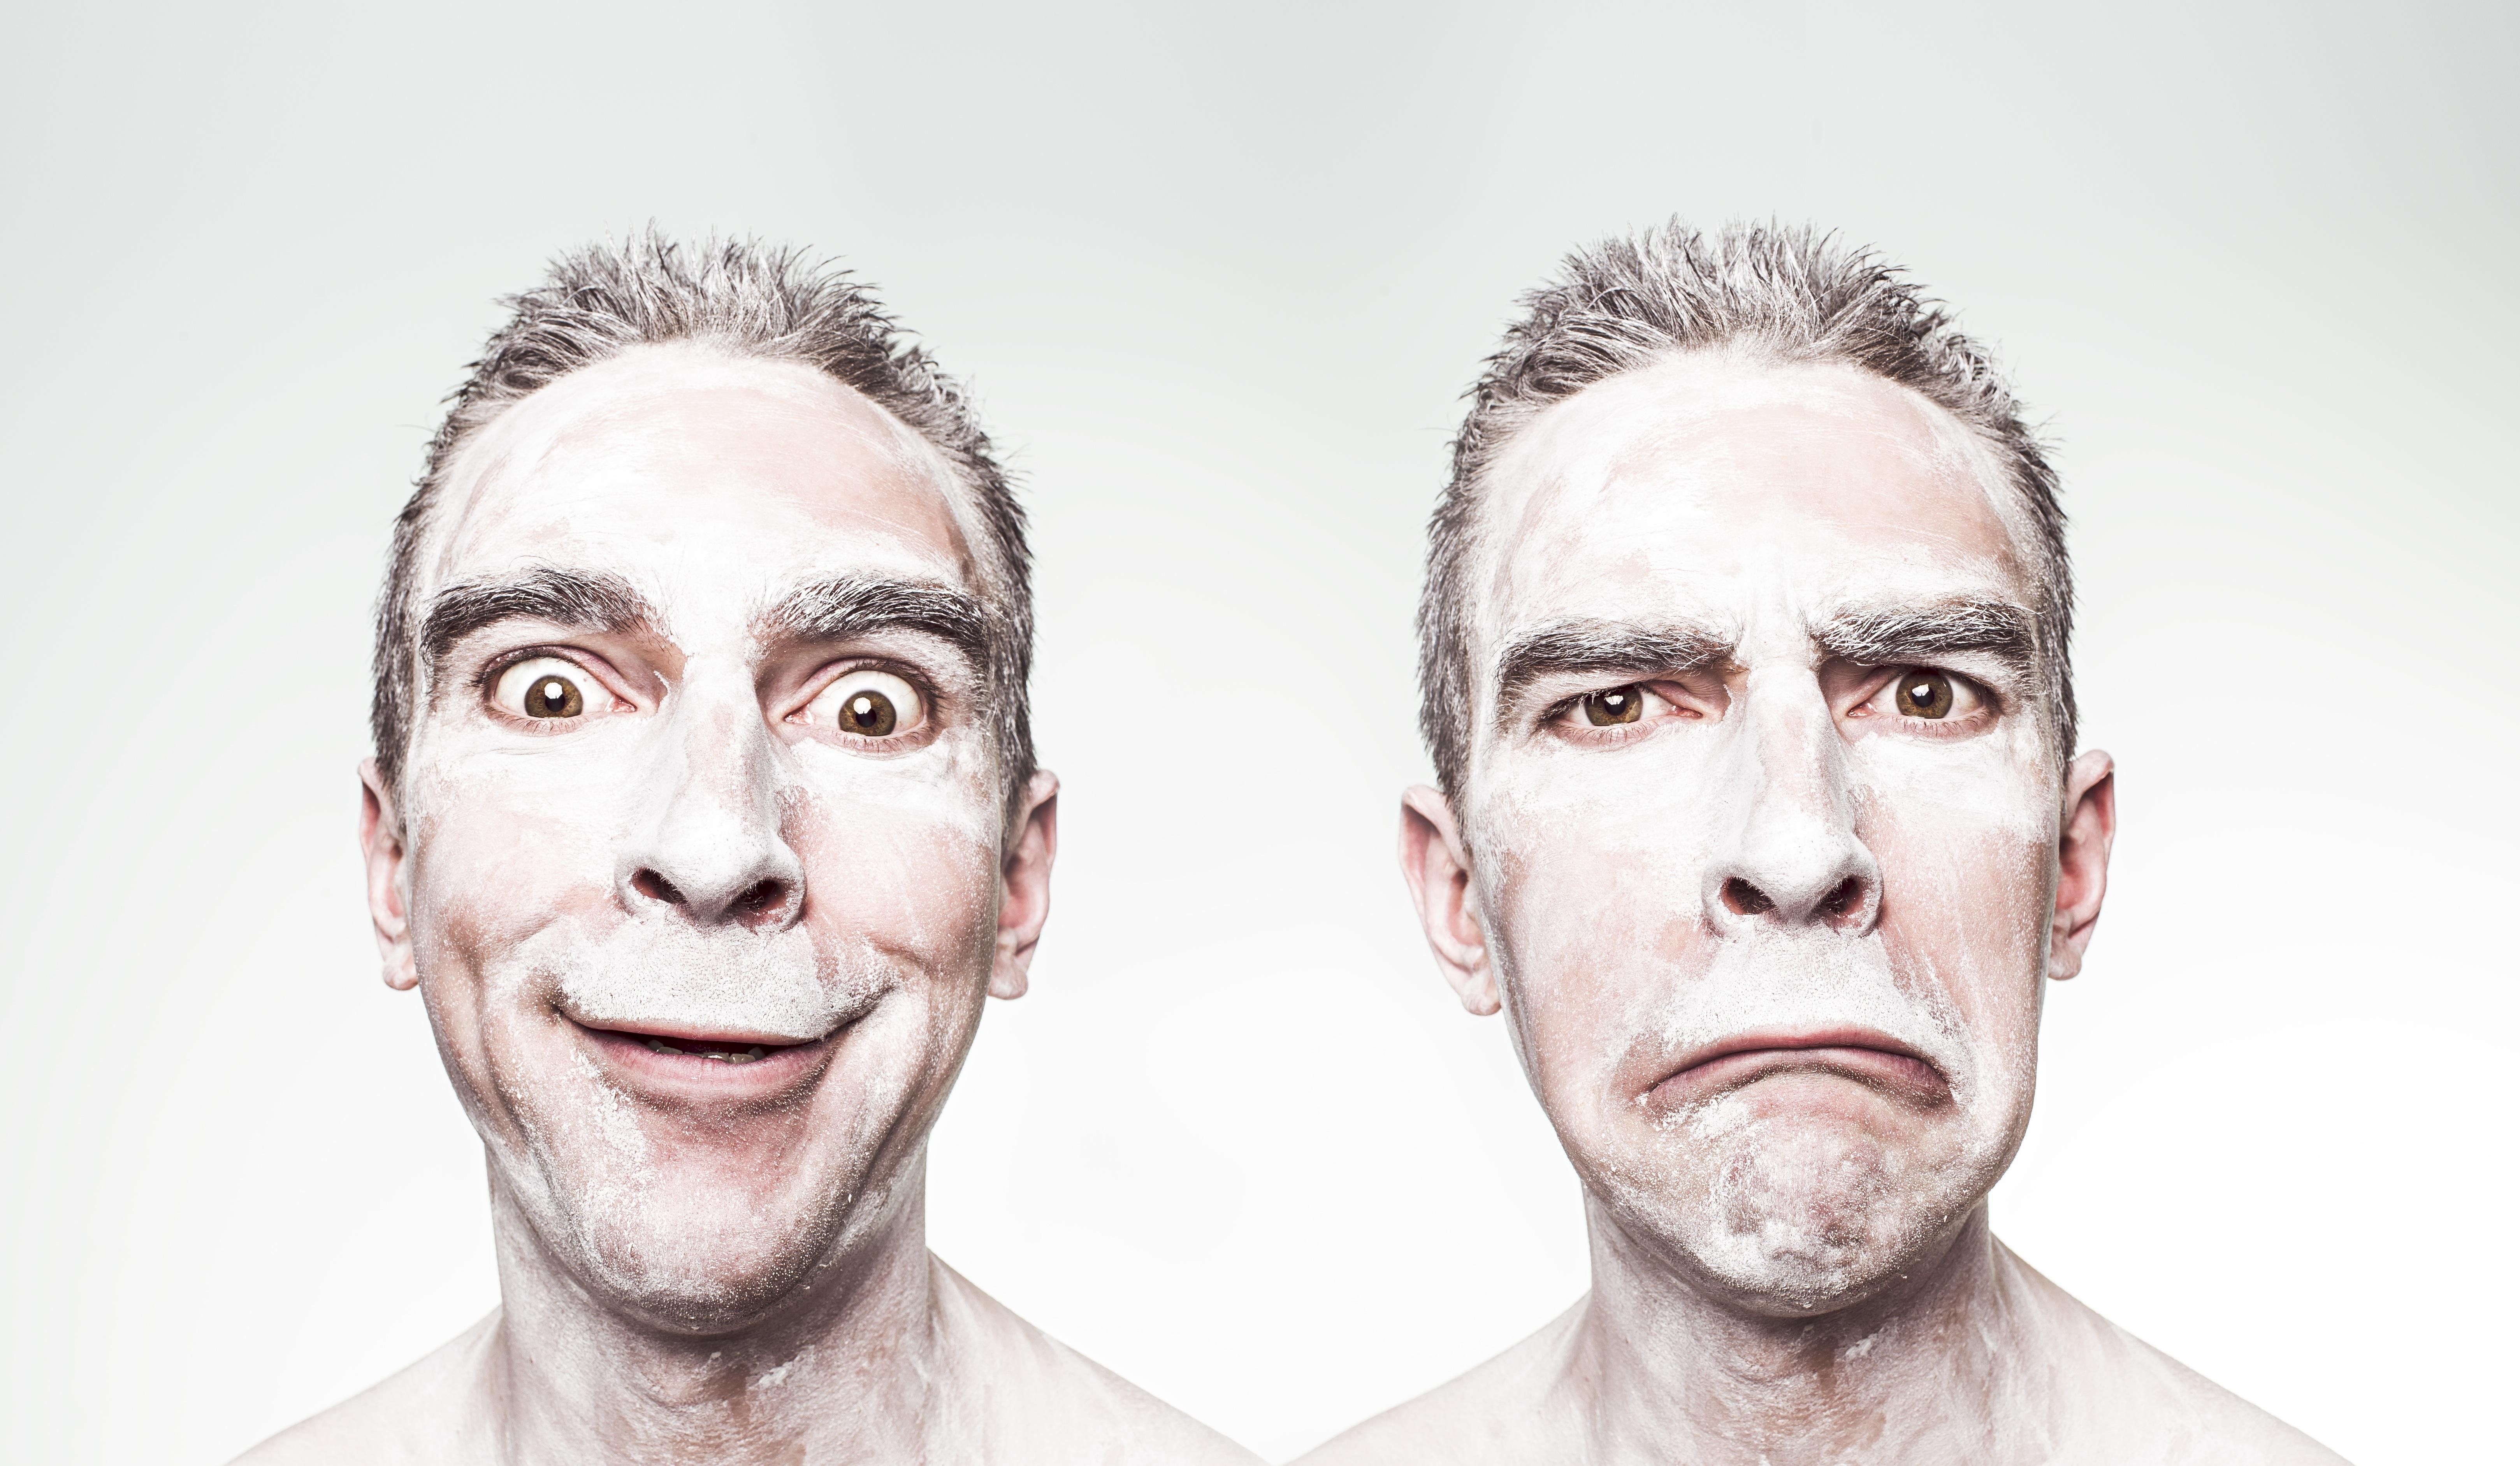 Gambar Manusia Orang Hitam Dan Putih Orang Orang Pria